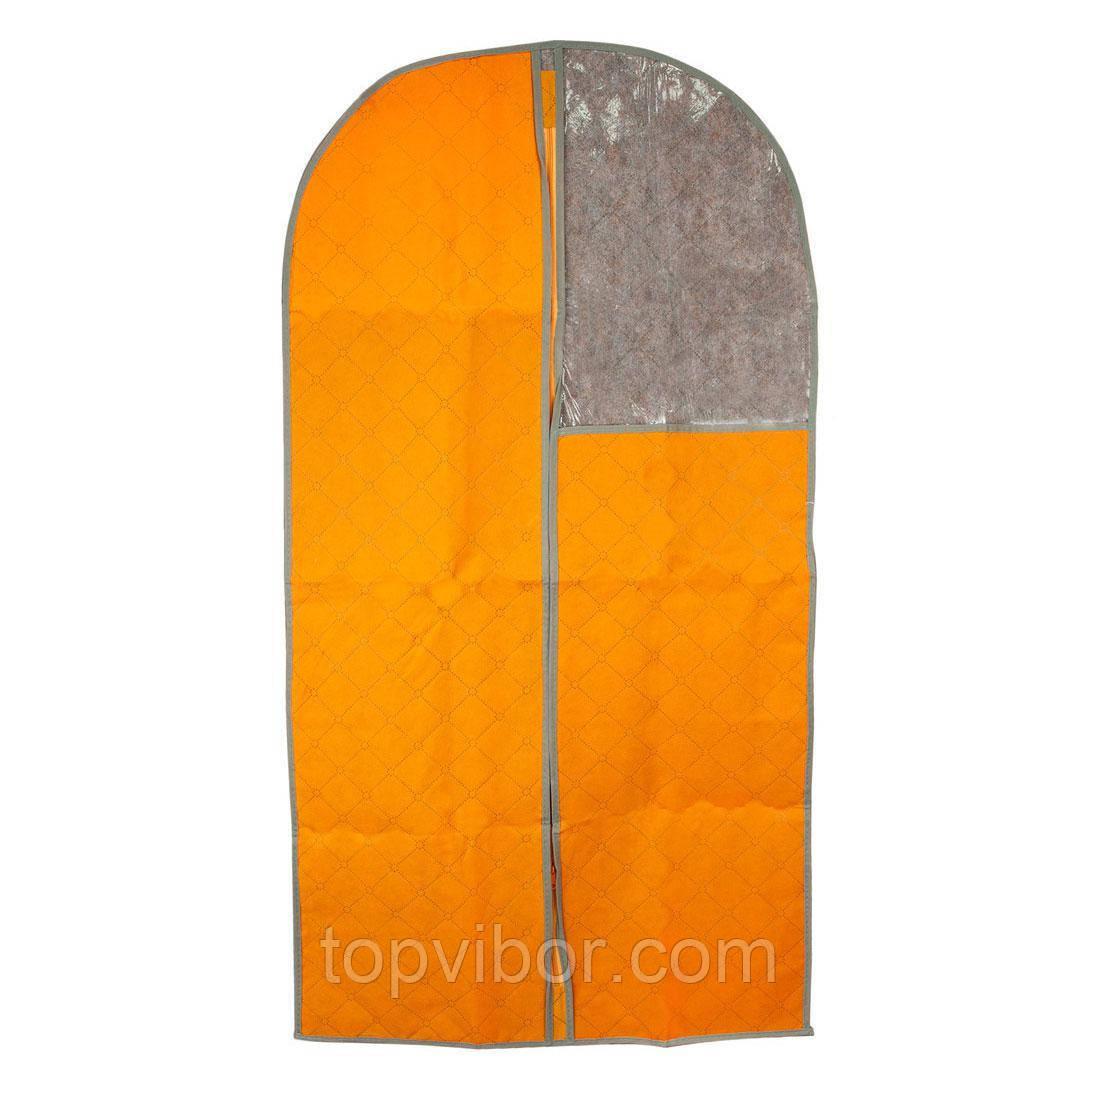 Подвесной чехол на молнии для хранения одежды 110x57 см. - оранжевый, с доставкой по Киеву и Украине